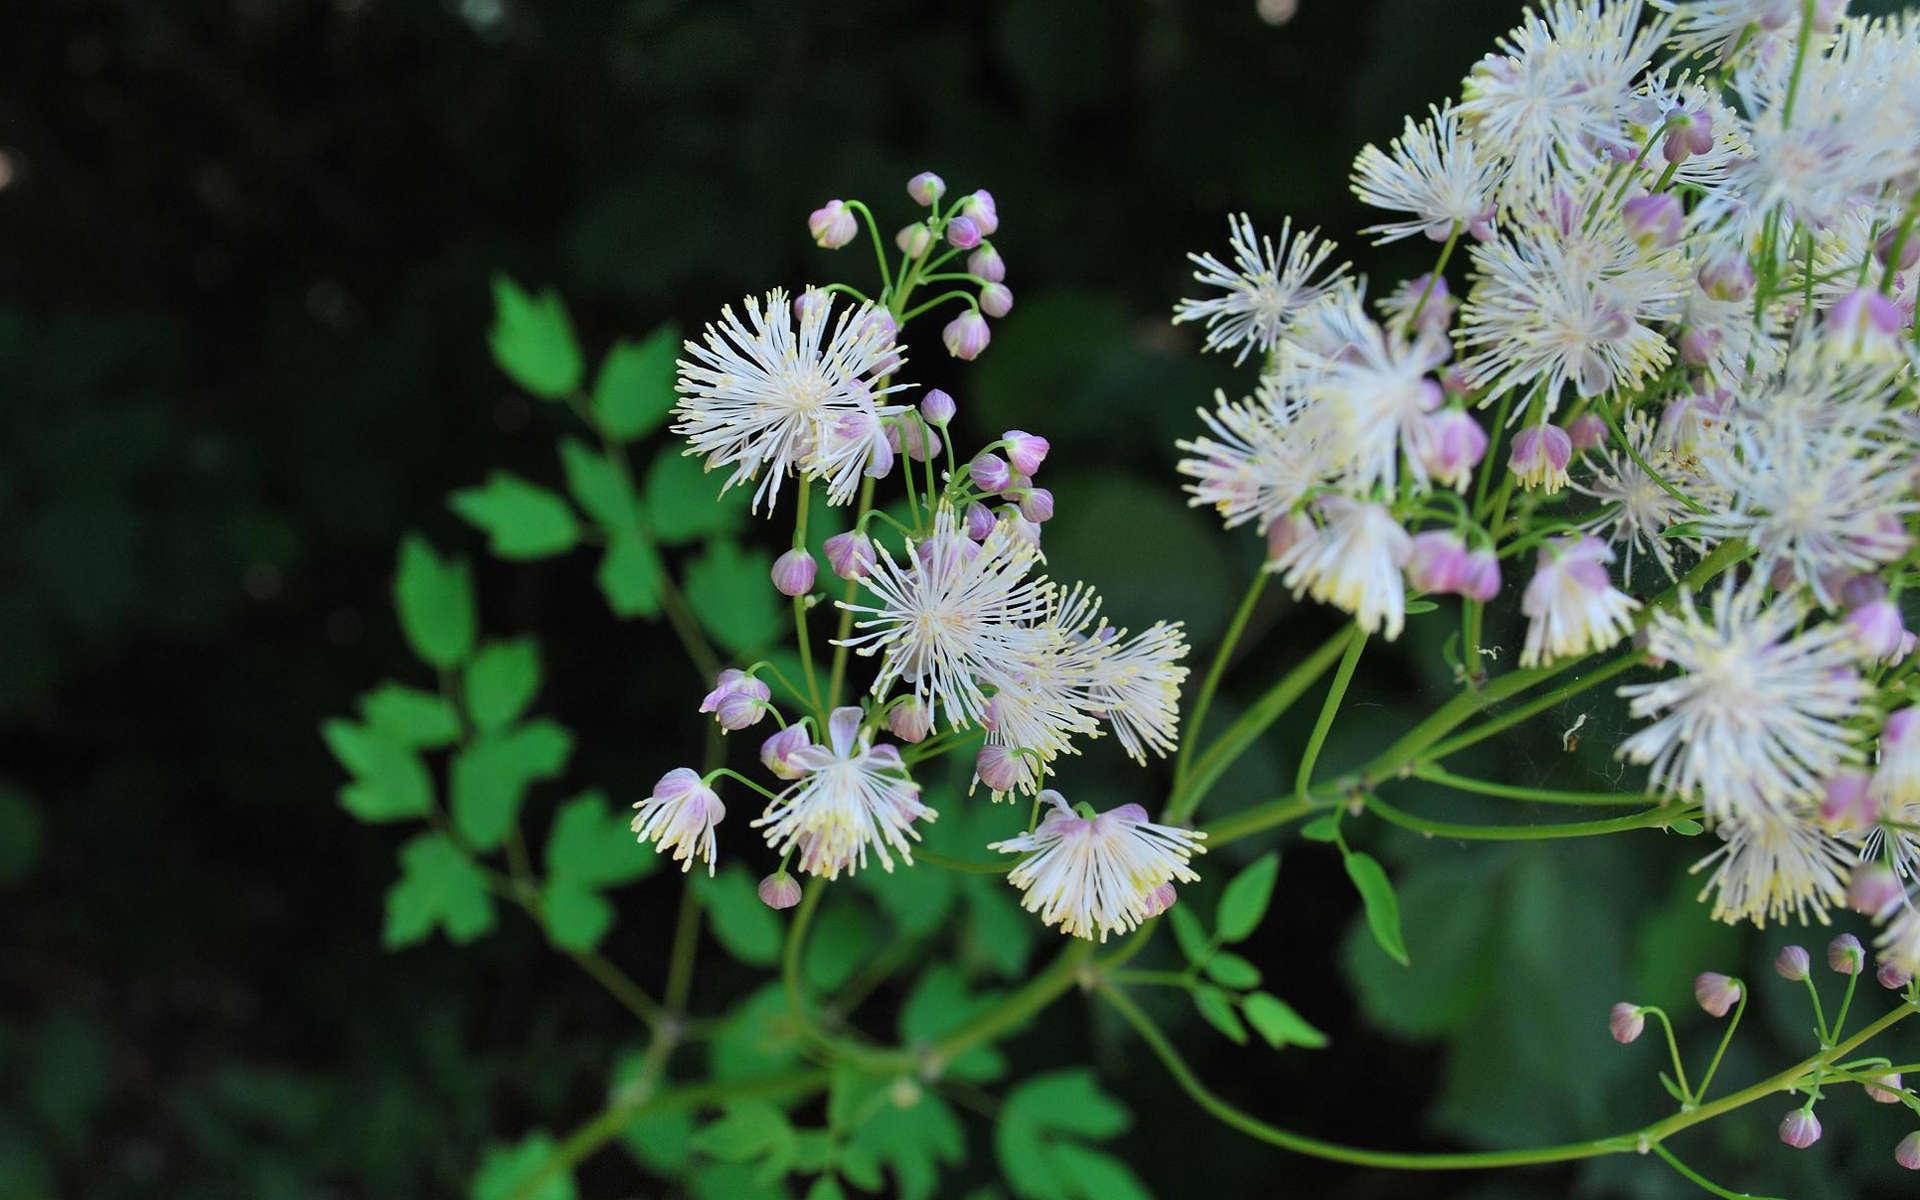 Pigamon à feuilles d'ancolie (Crédits: Tsiegretlop - Flickr)